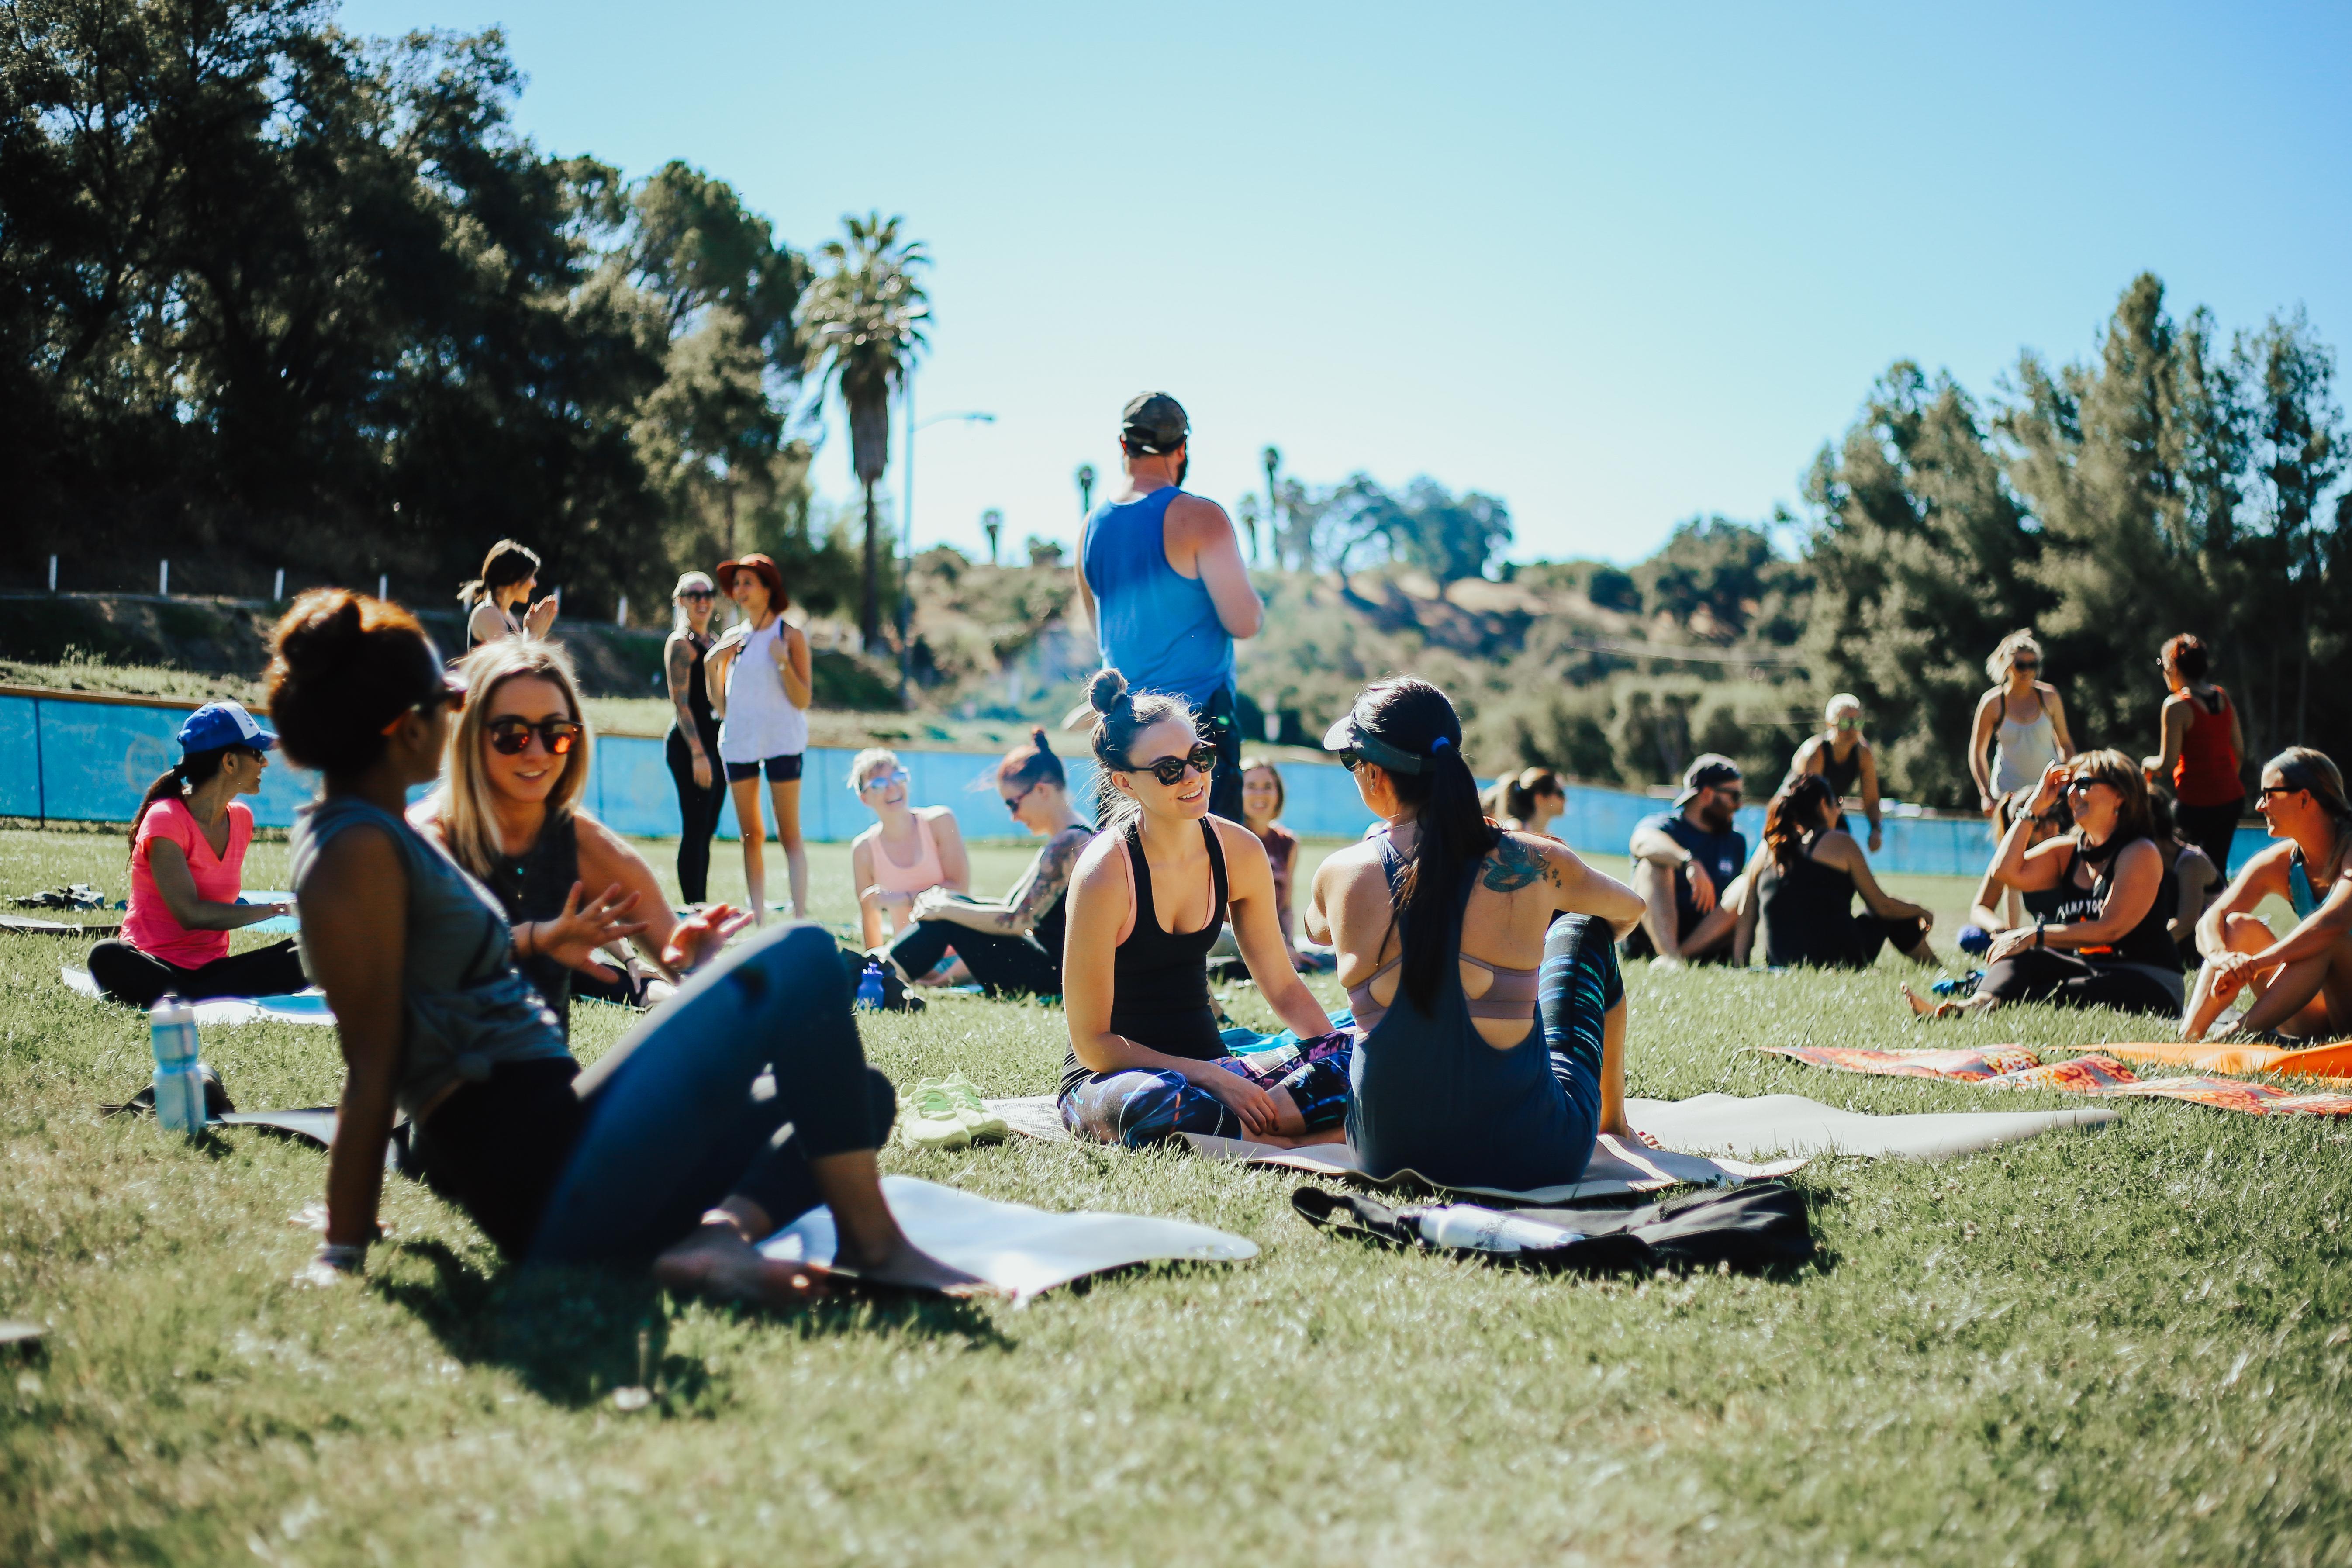 Camp Yoga- California by Camp Yoga - TourRadar